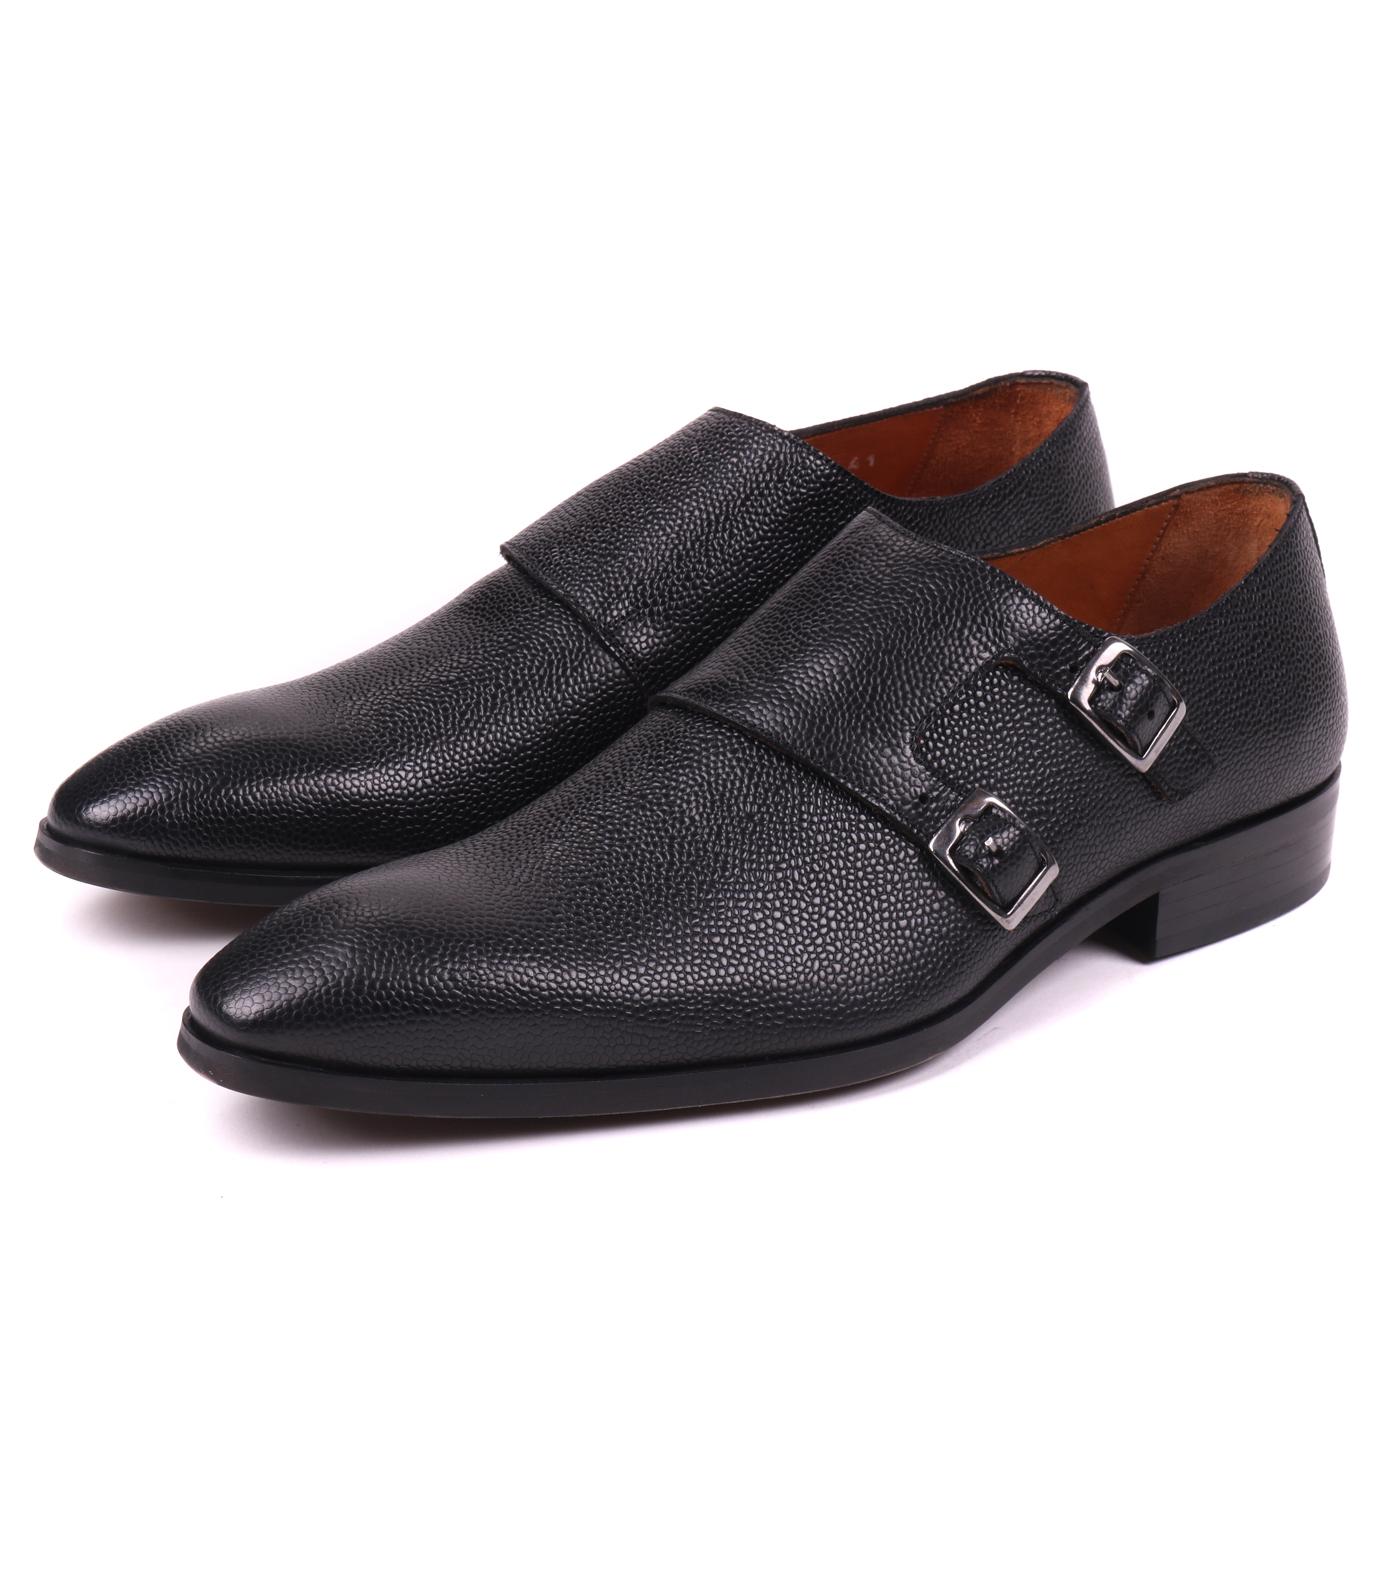 Chaussures Noires Avec Des Nez Pointus Pour Les Femmes jlzSF3I66